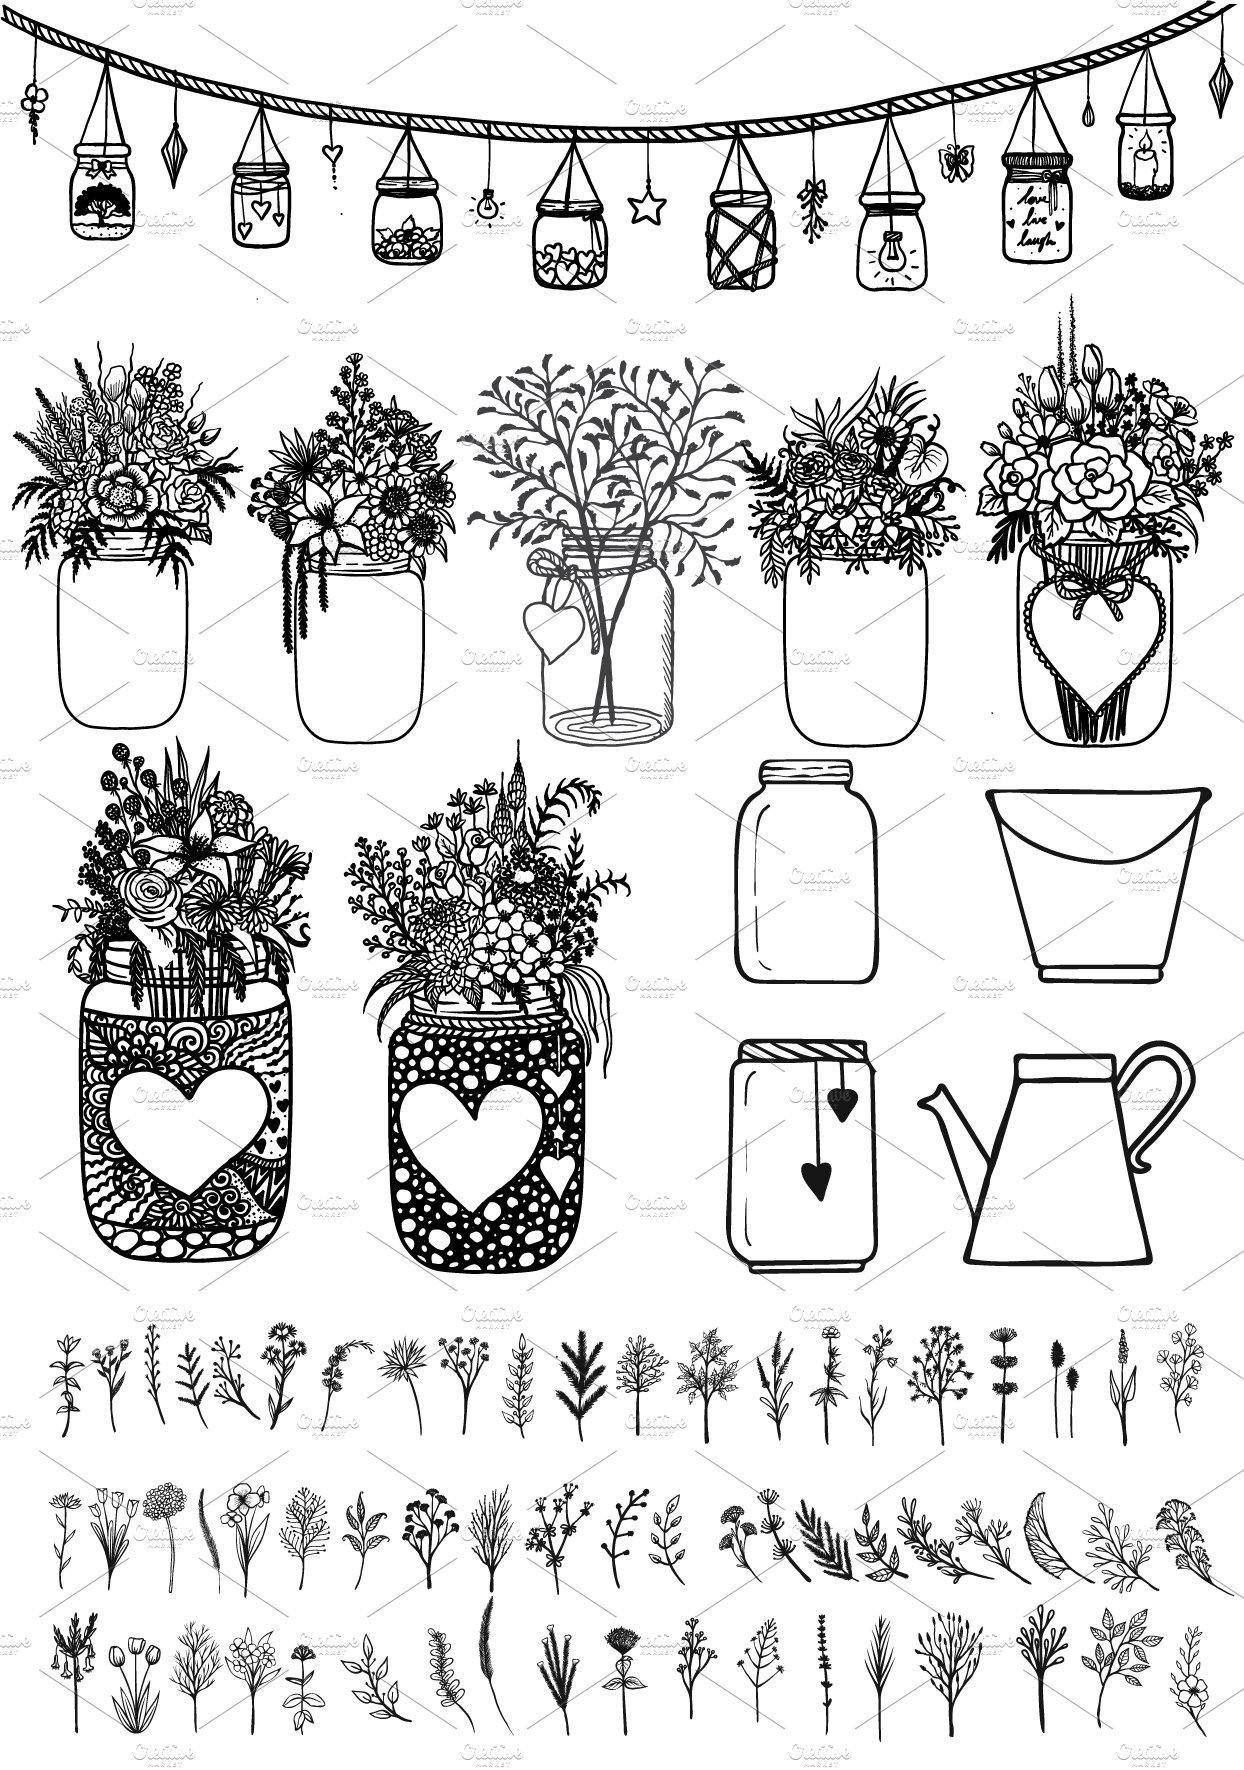 MARSON JARS and FLOWERS ~ Illustrations ~ Creative Market